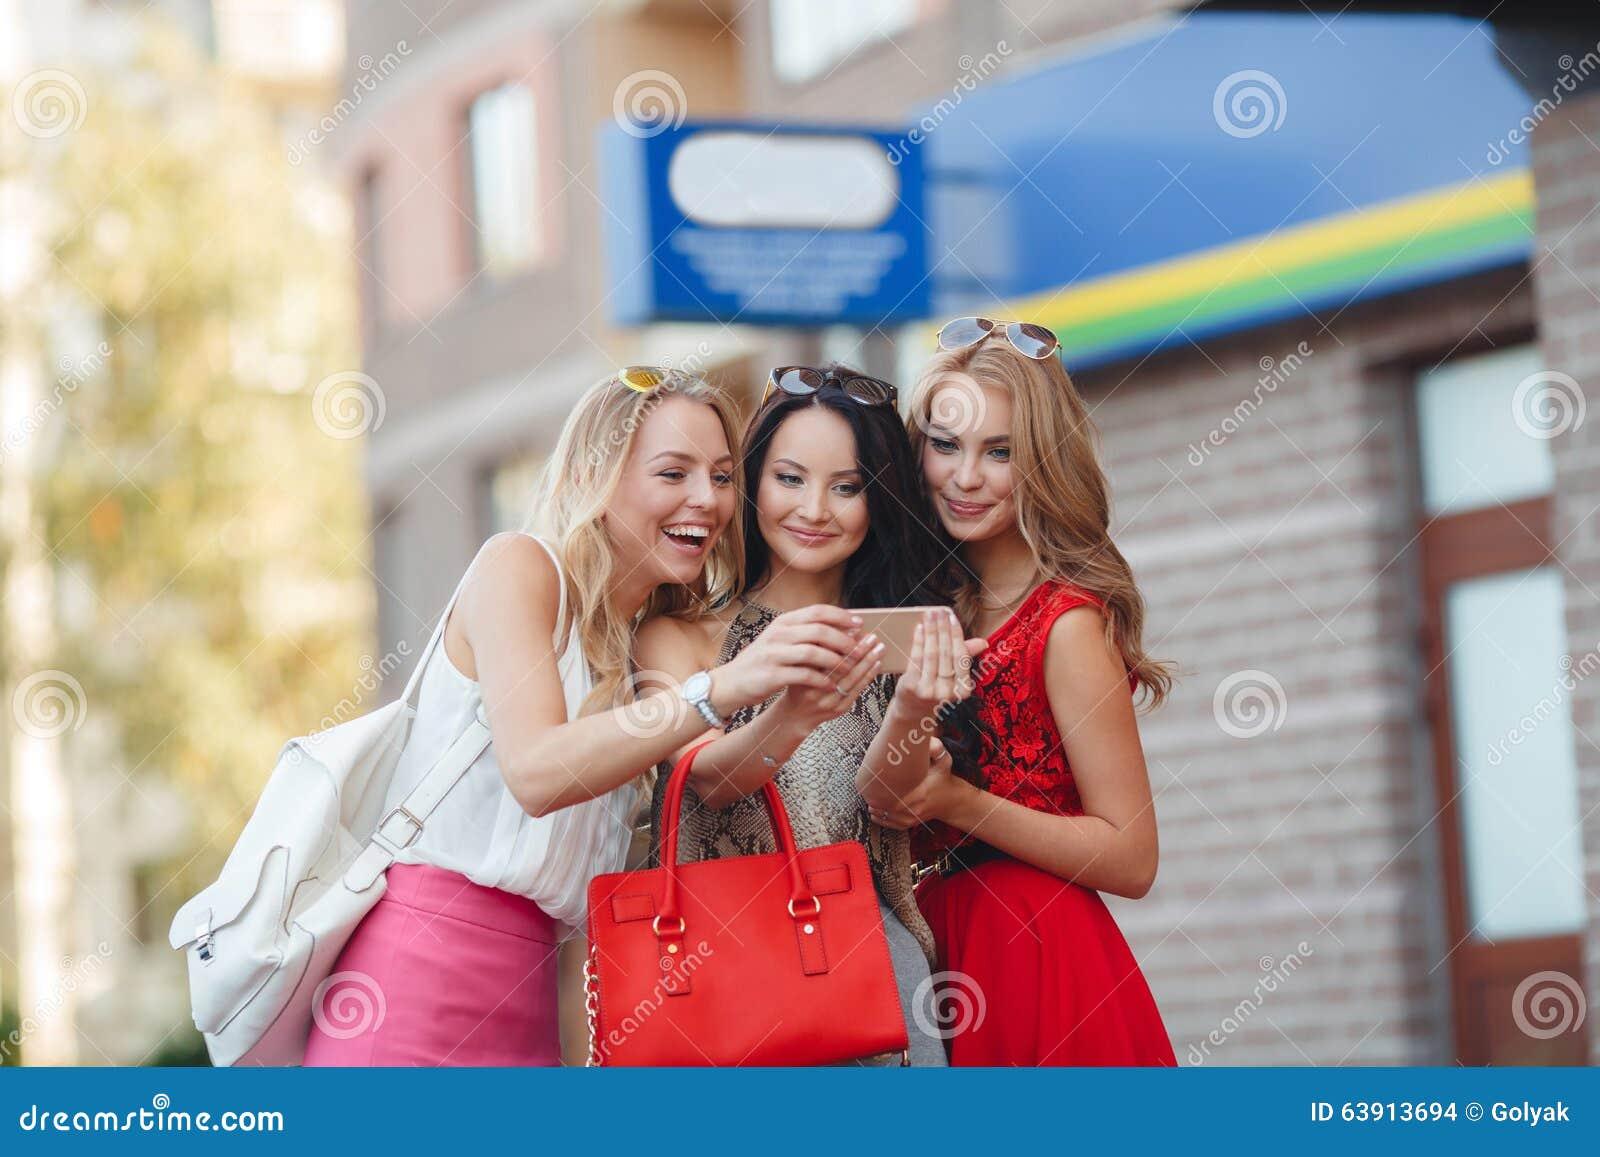 Photos de vue de filles à un téléphone portable